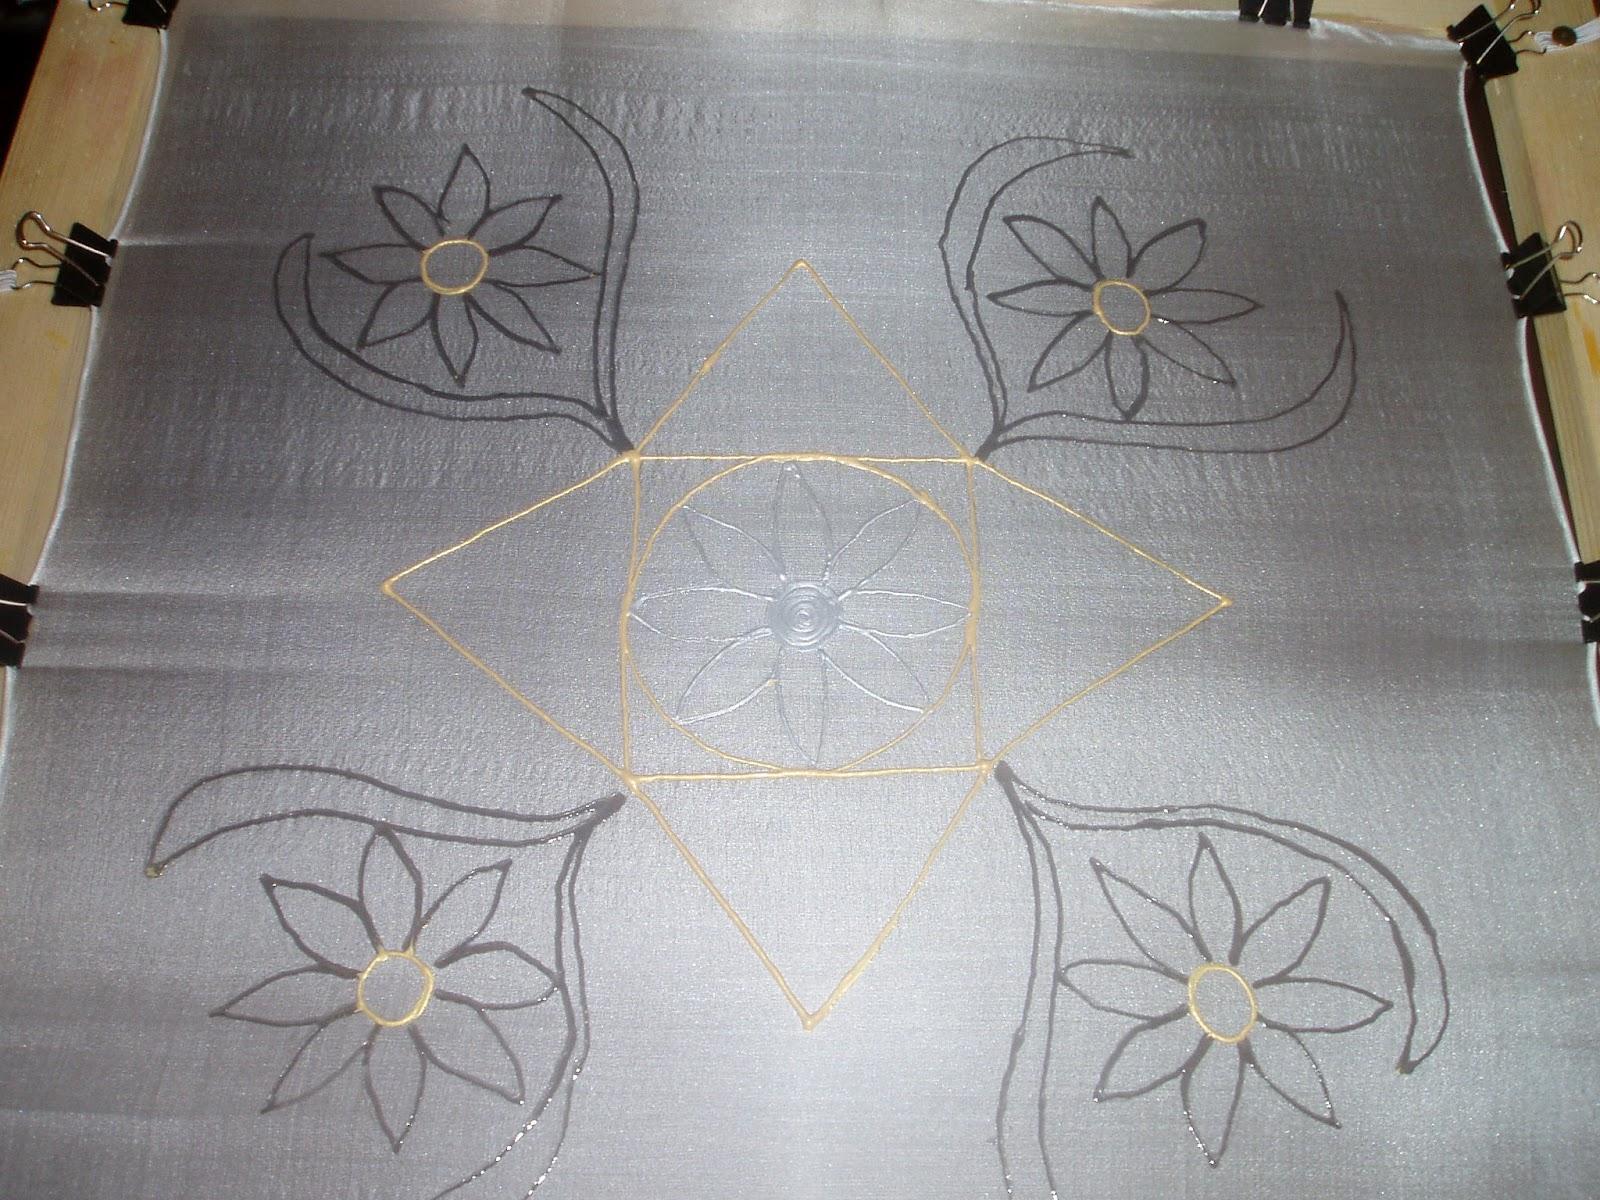 Ezen a képen már a kifeszített selymen a szimbólumokat kontúrral  átfestettem. 2b73943e72